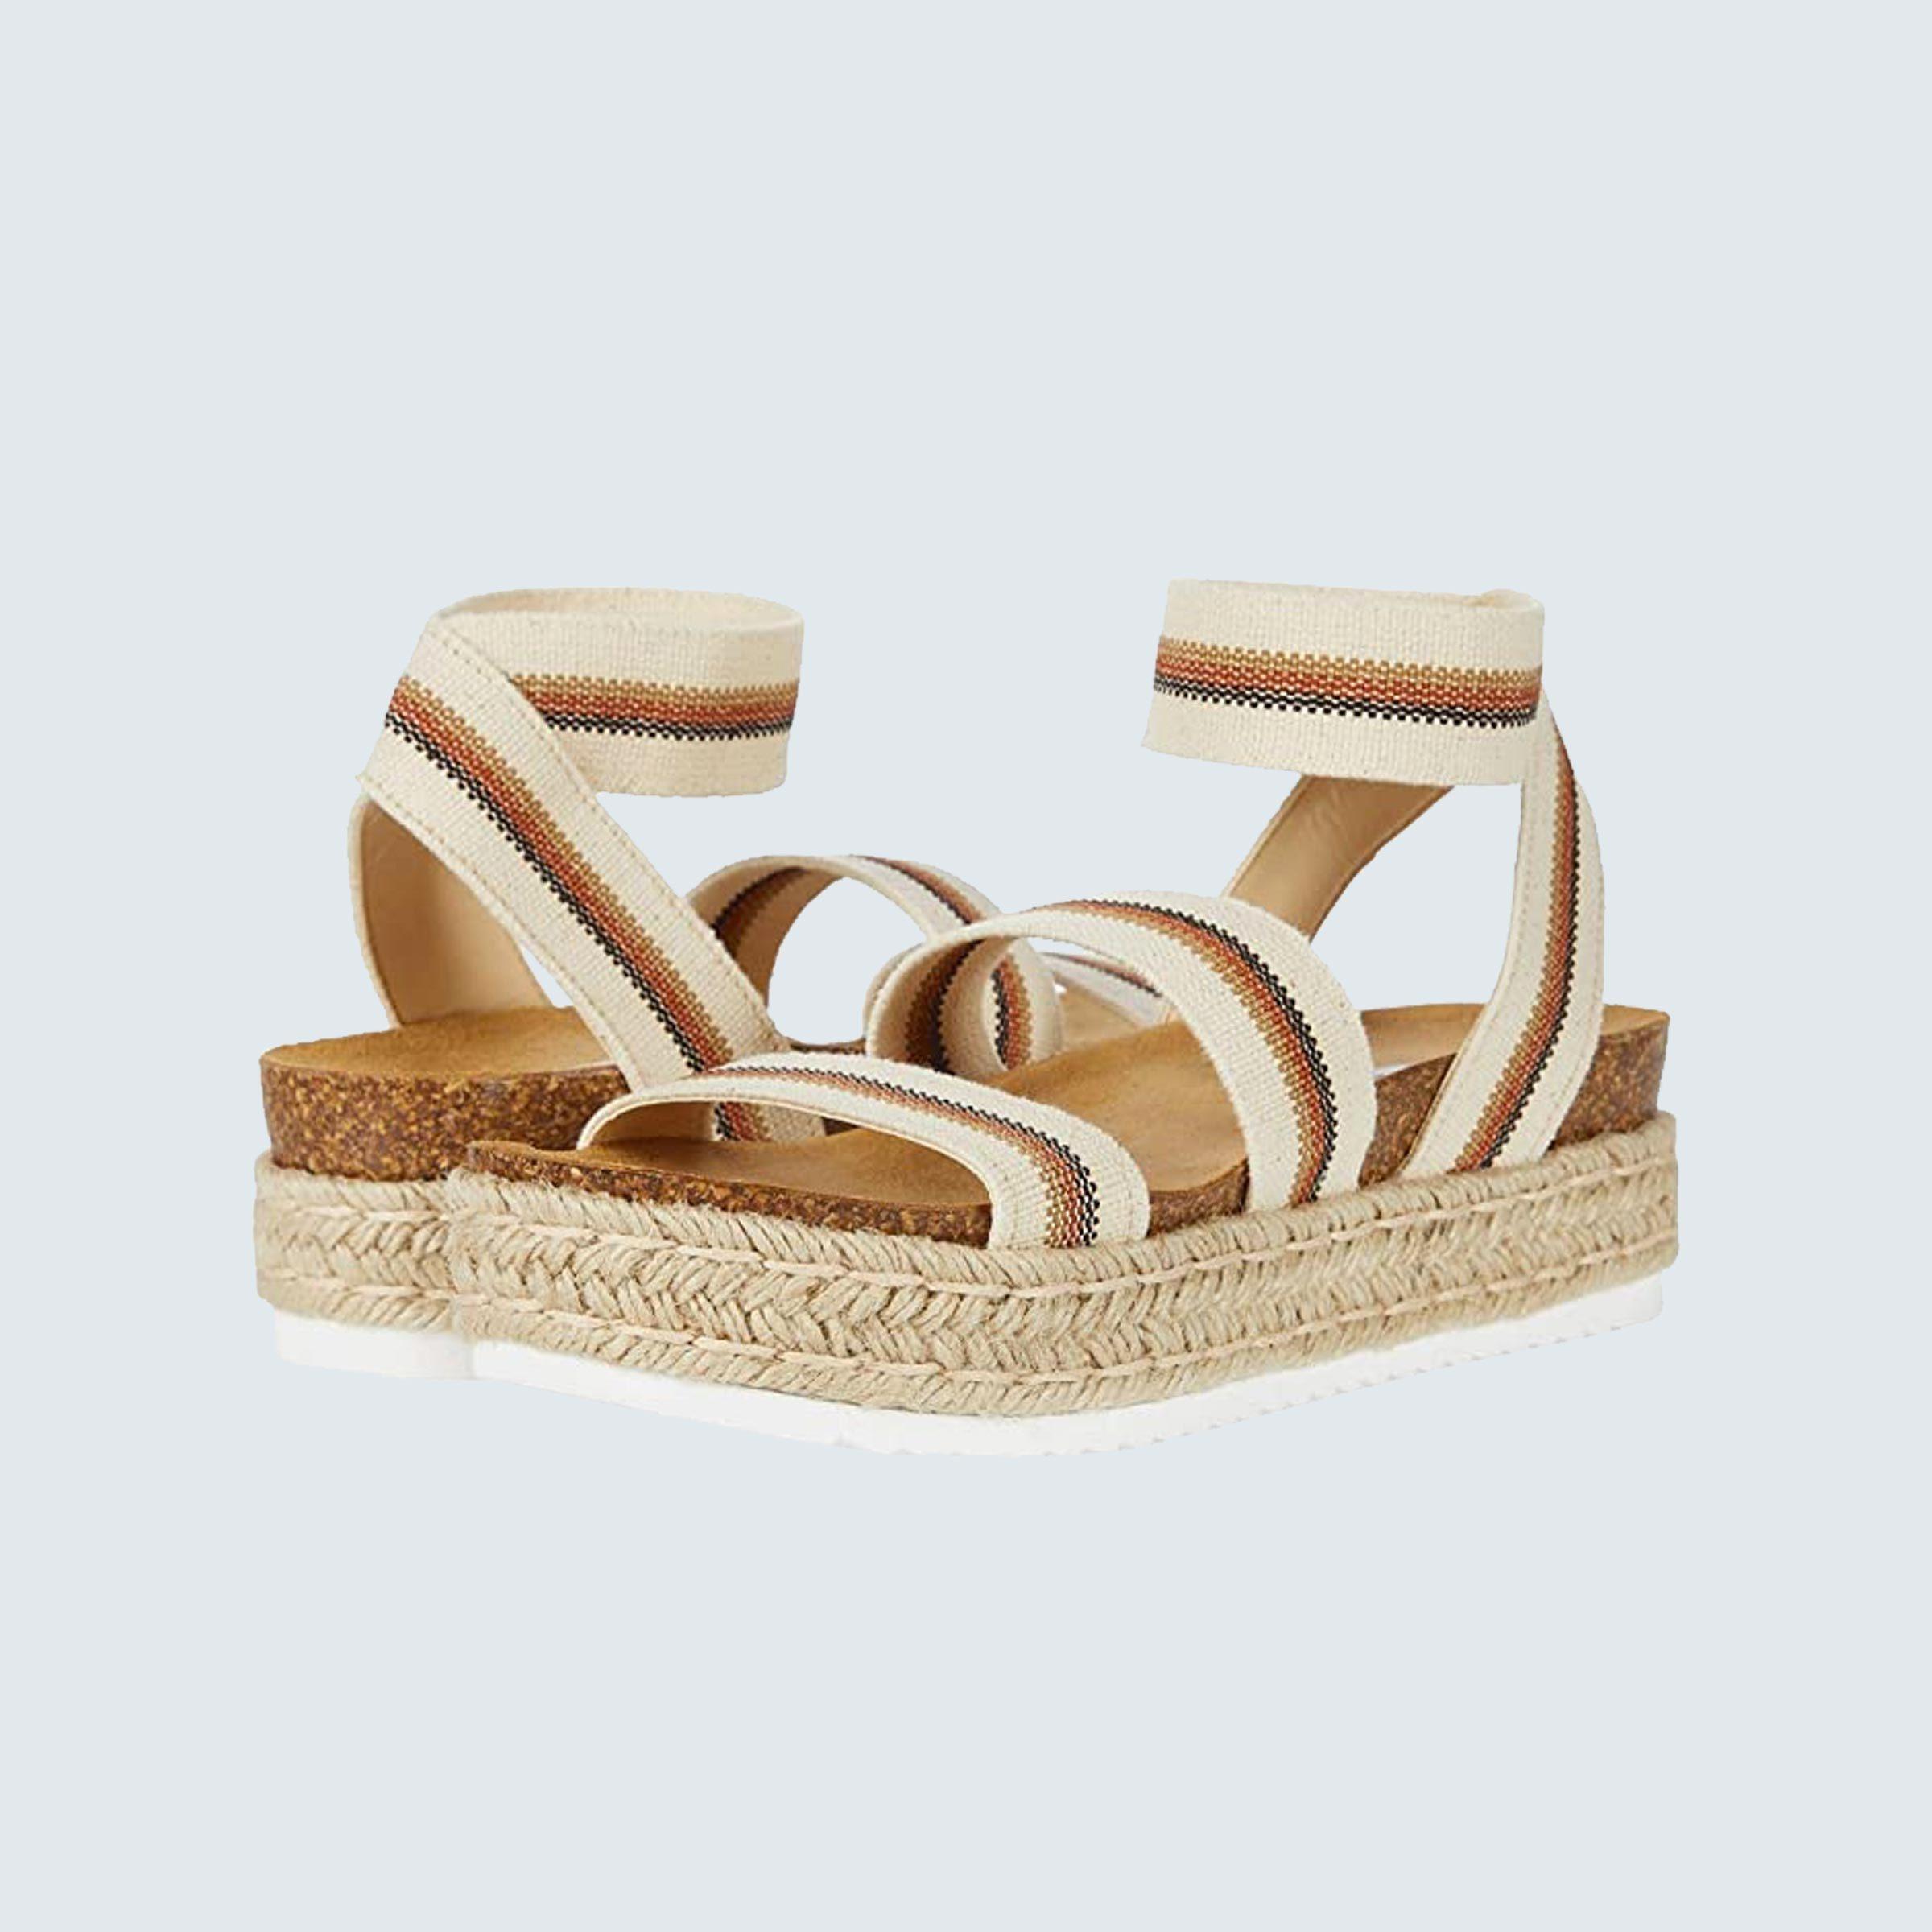 Steve Madden Kimmie Espadrille Sandals